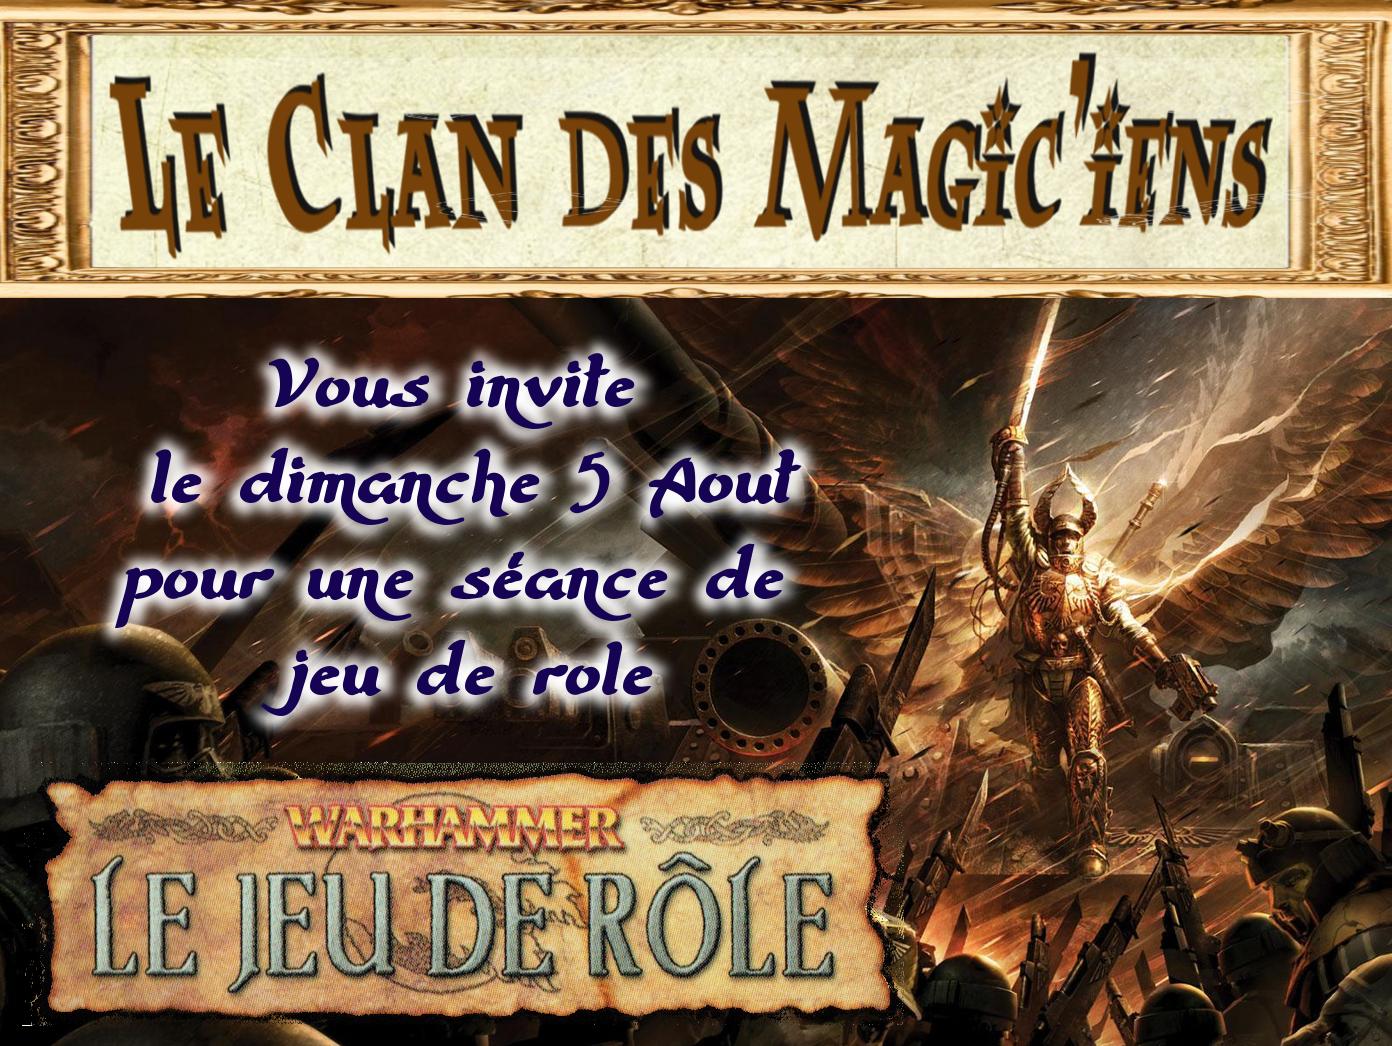 Dimanche 5 Aout : Jeu de rôle (Warhammer) à partir de 14 h OaqgW